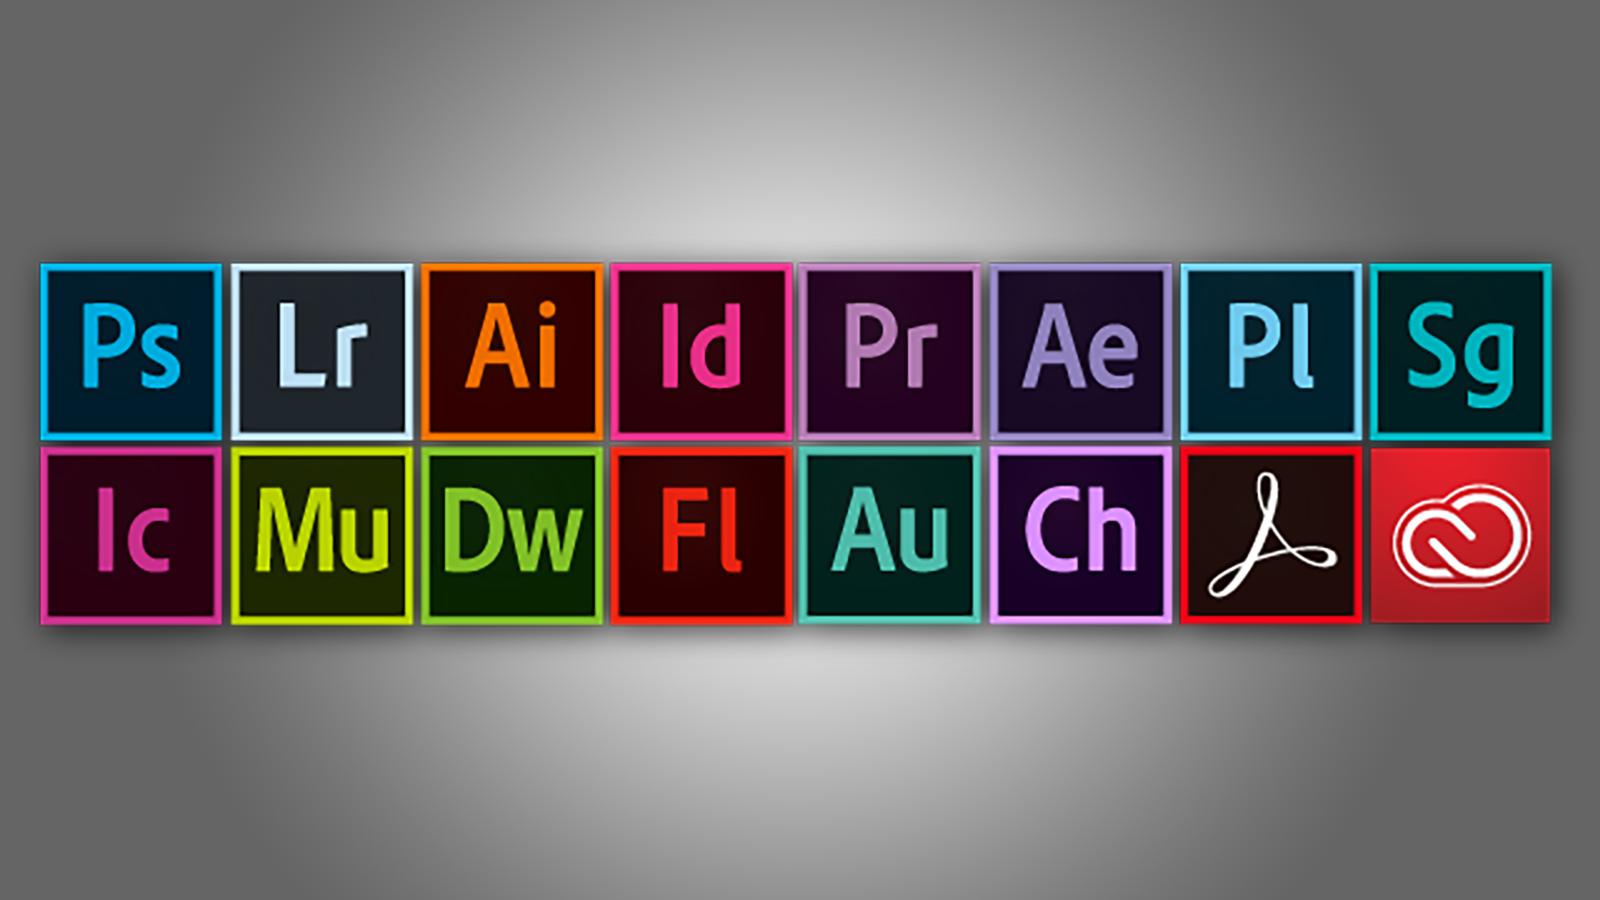 アドビ製品30種類を一挙に紹介!Adobe CCでどんなソフトが使えるのか解説します【Adobe Creative Cloud】